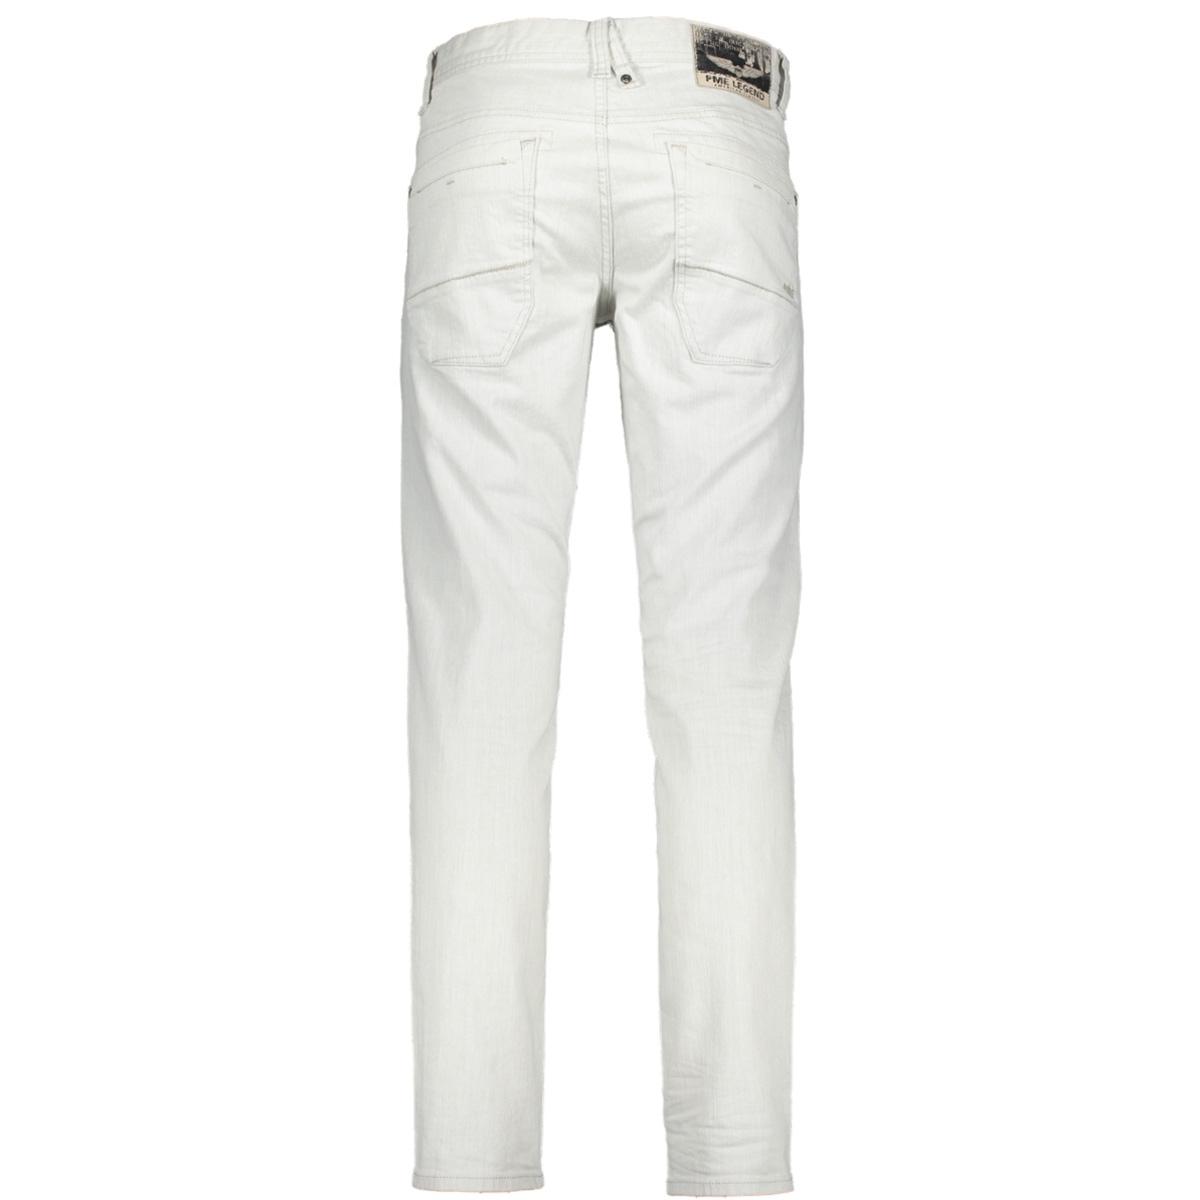 ptr182173-8023 skyhawk pme legend jeans 8023